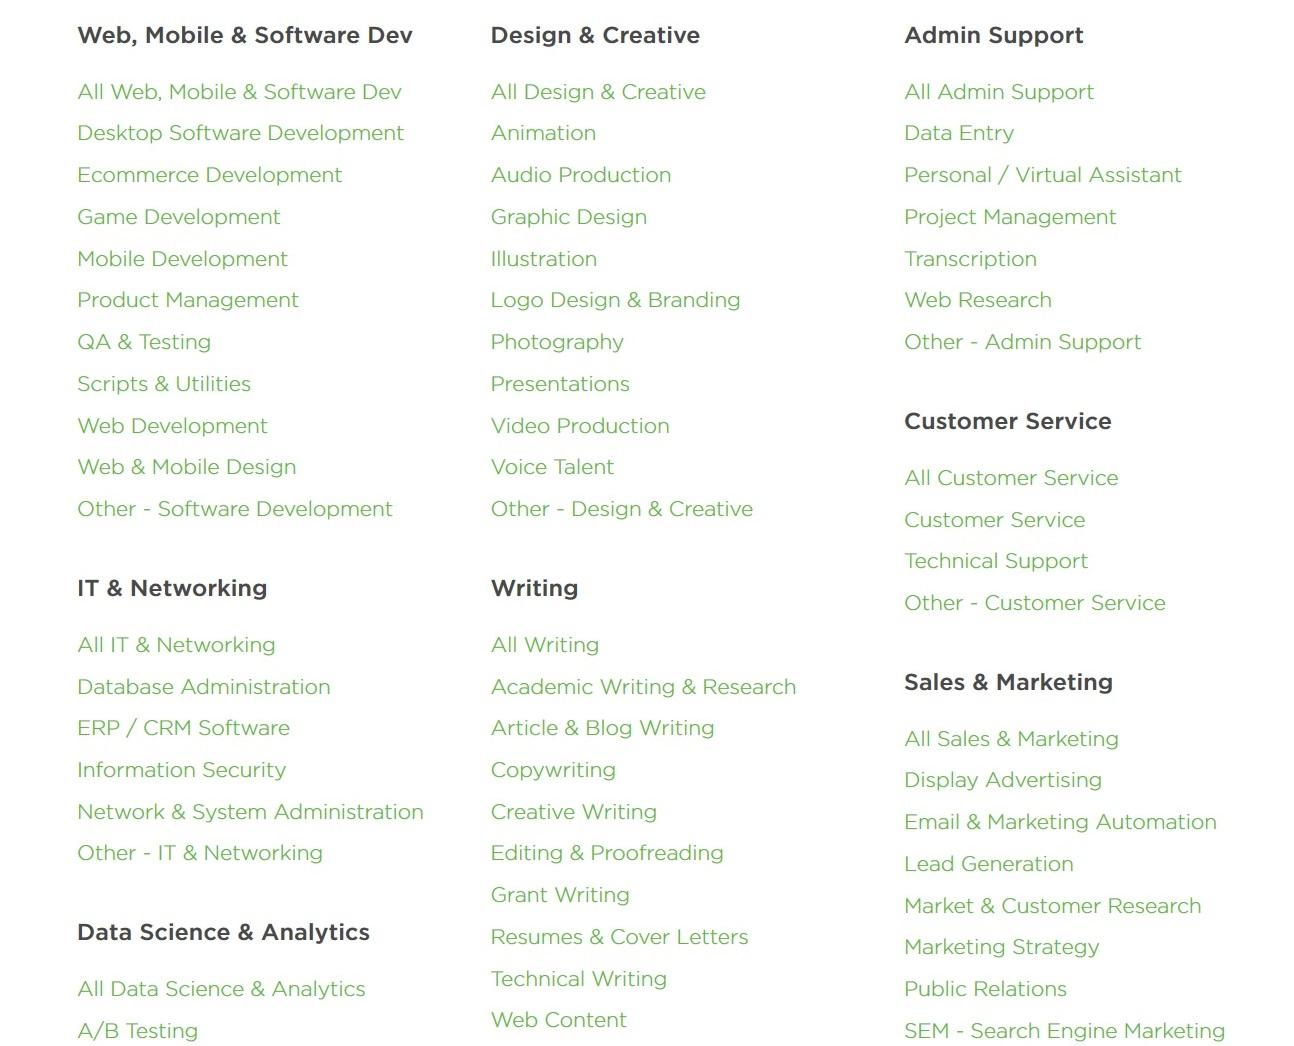 upwork job categories